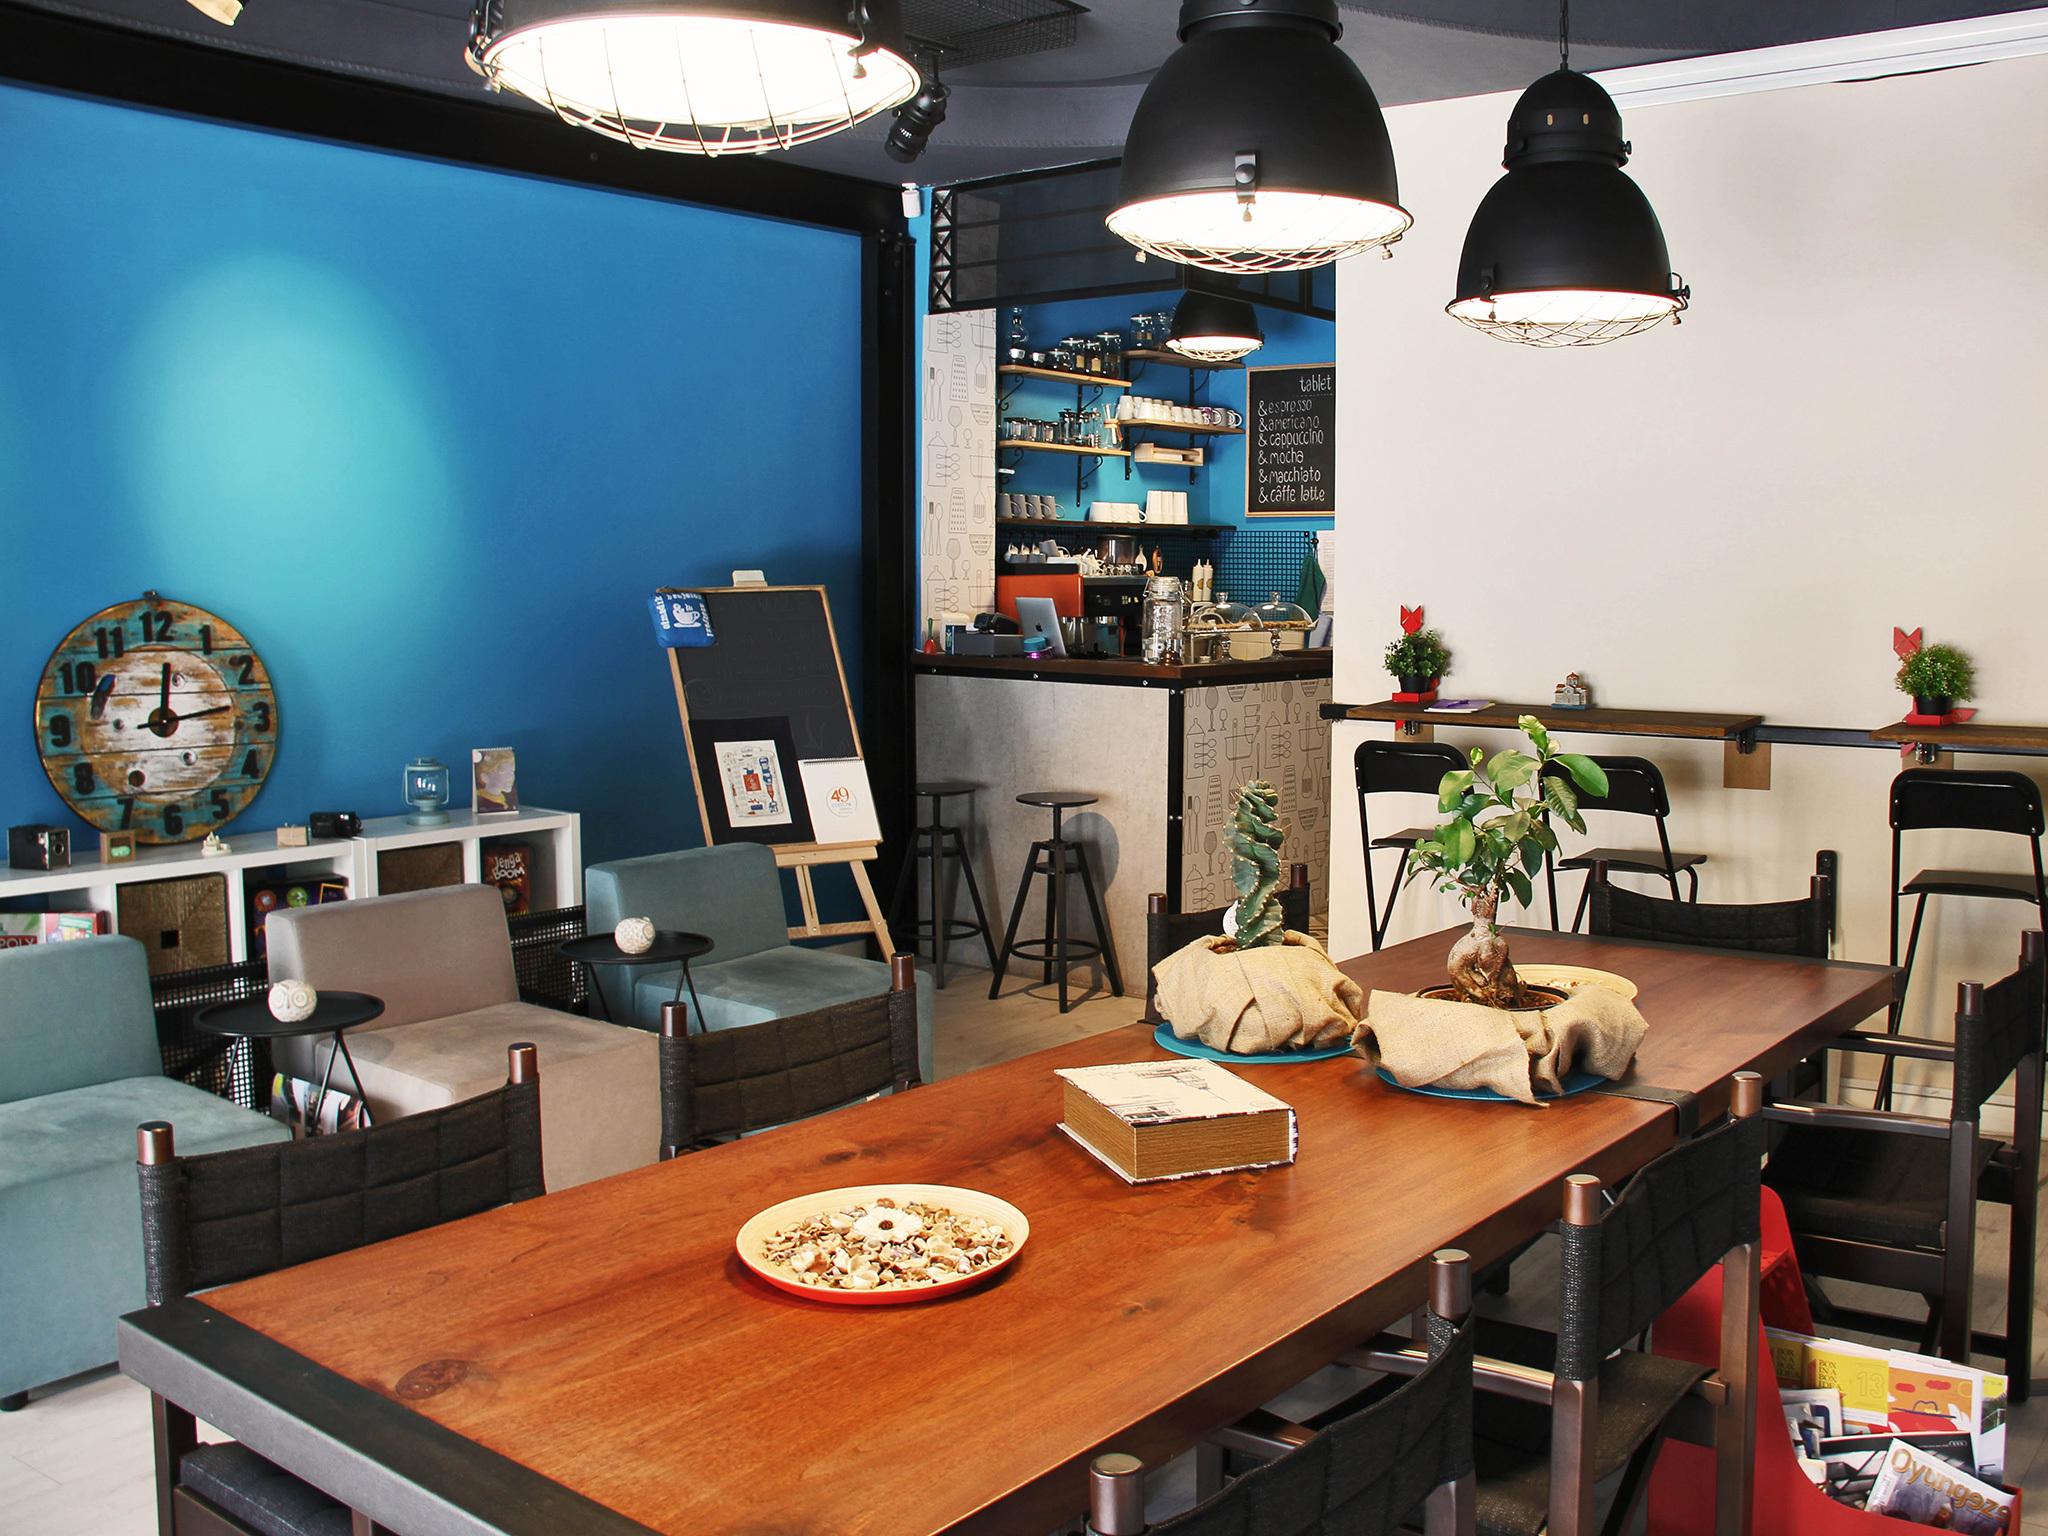 Olmadık Projeler Atölyesi'nin üst katındaki Tablet & Coffee